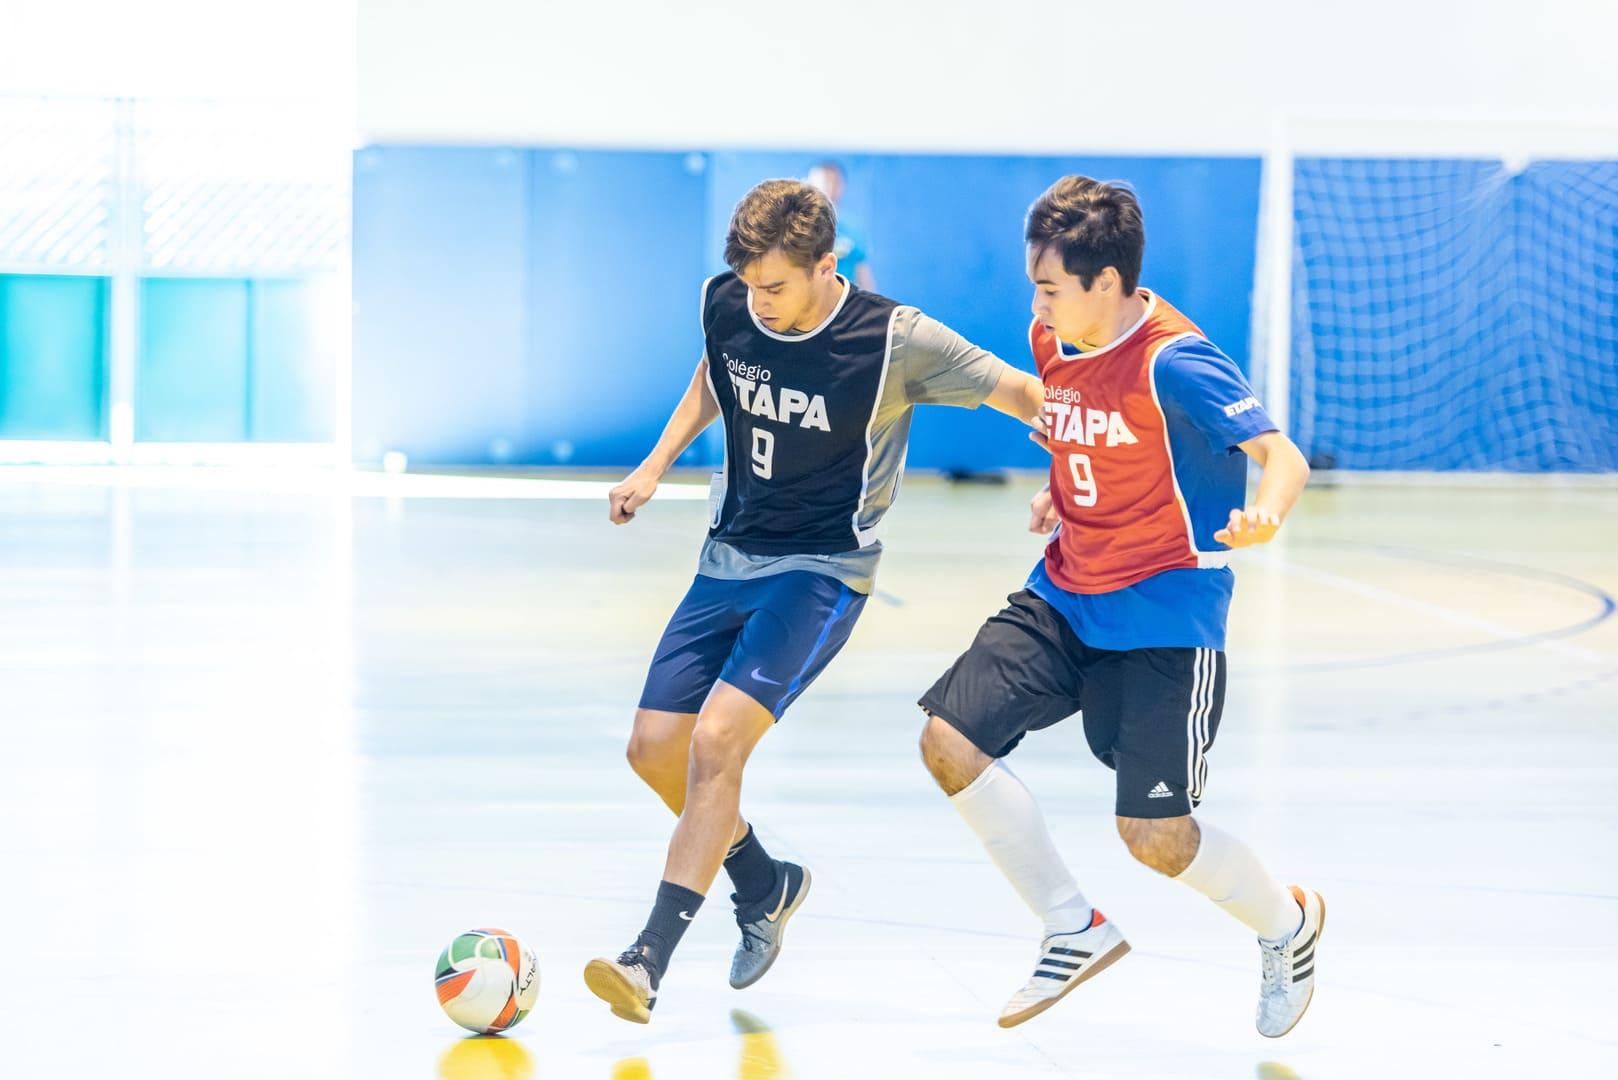 Copa Etapa Valinhos reúne alunos, ex-alunos e professores para torneios esportivos(11)